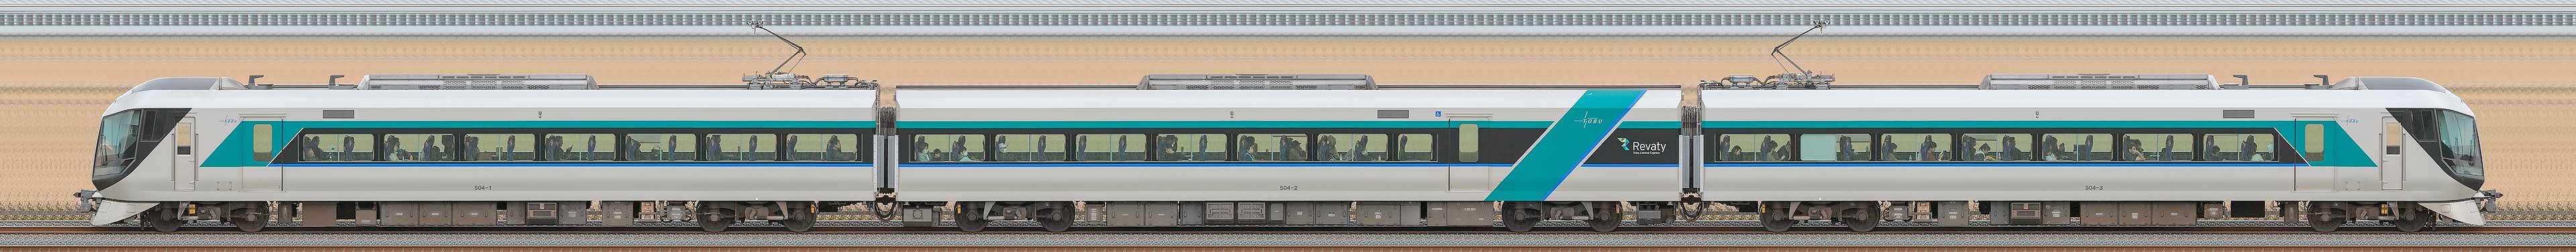 東武500系「リバティ」504編成(海側)の編成サイドビュー